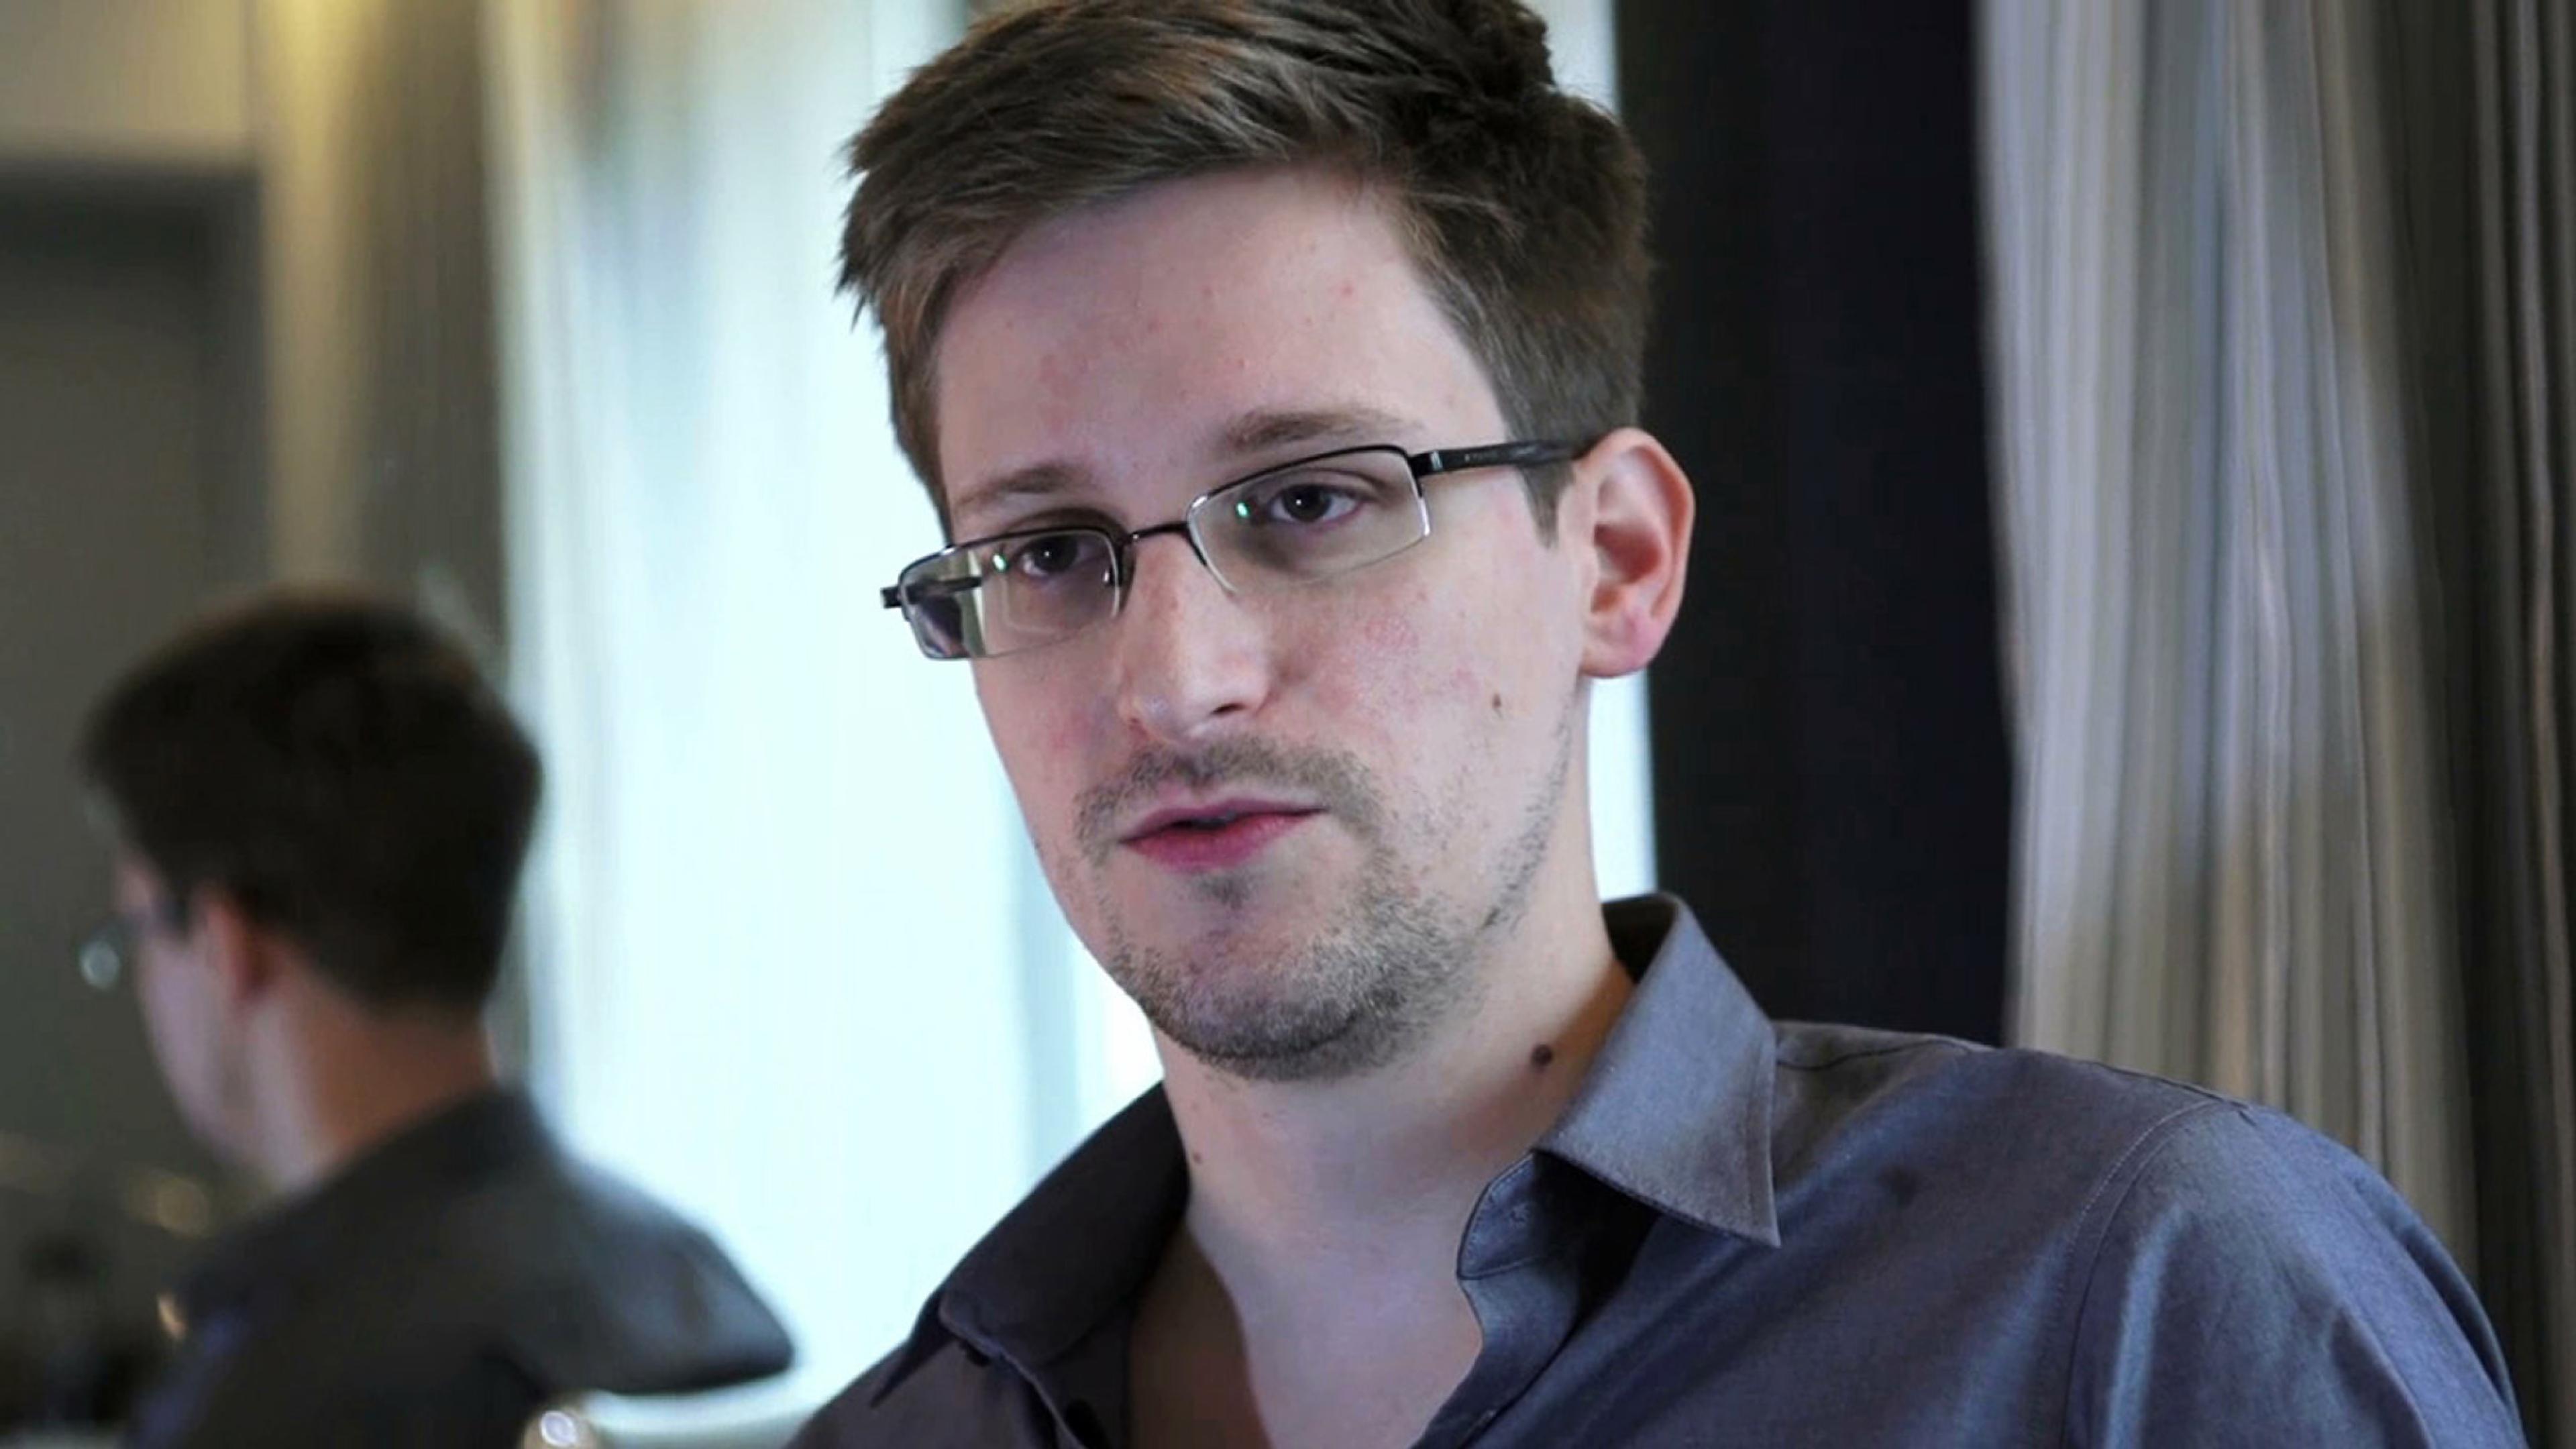 3840x2160 Edward Snowden American Technician Cia 4k